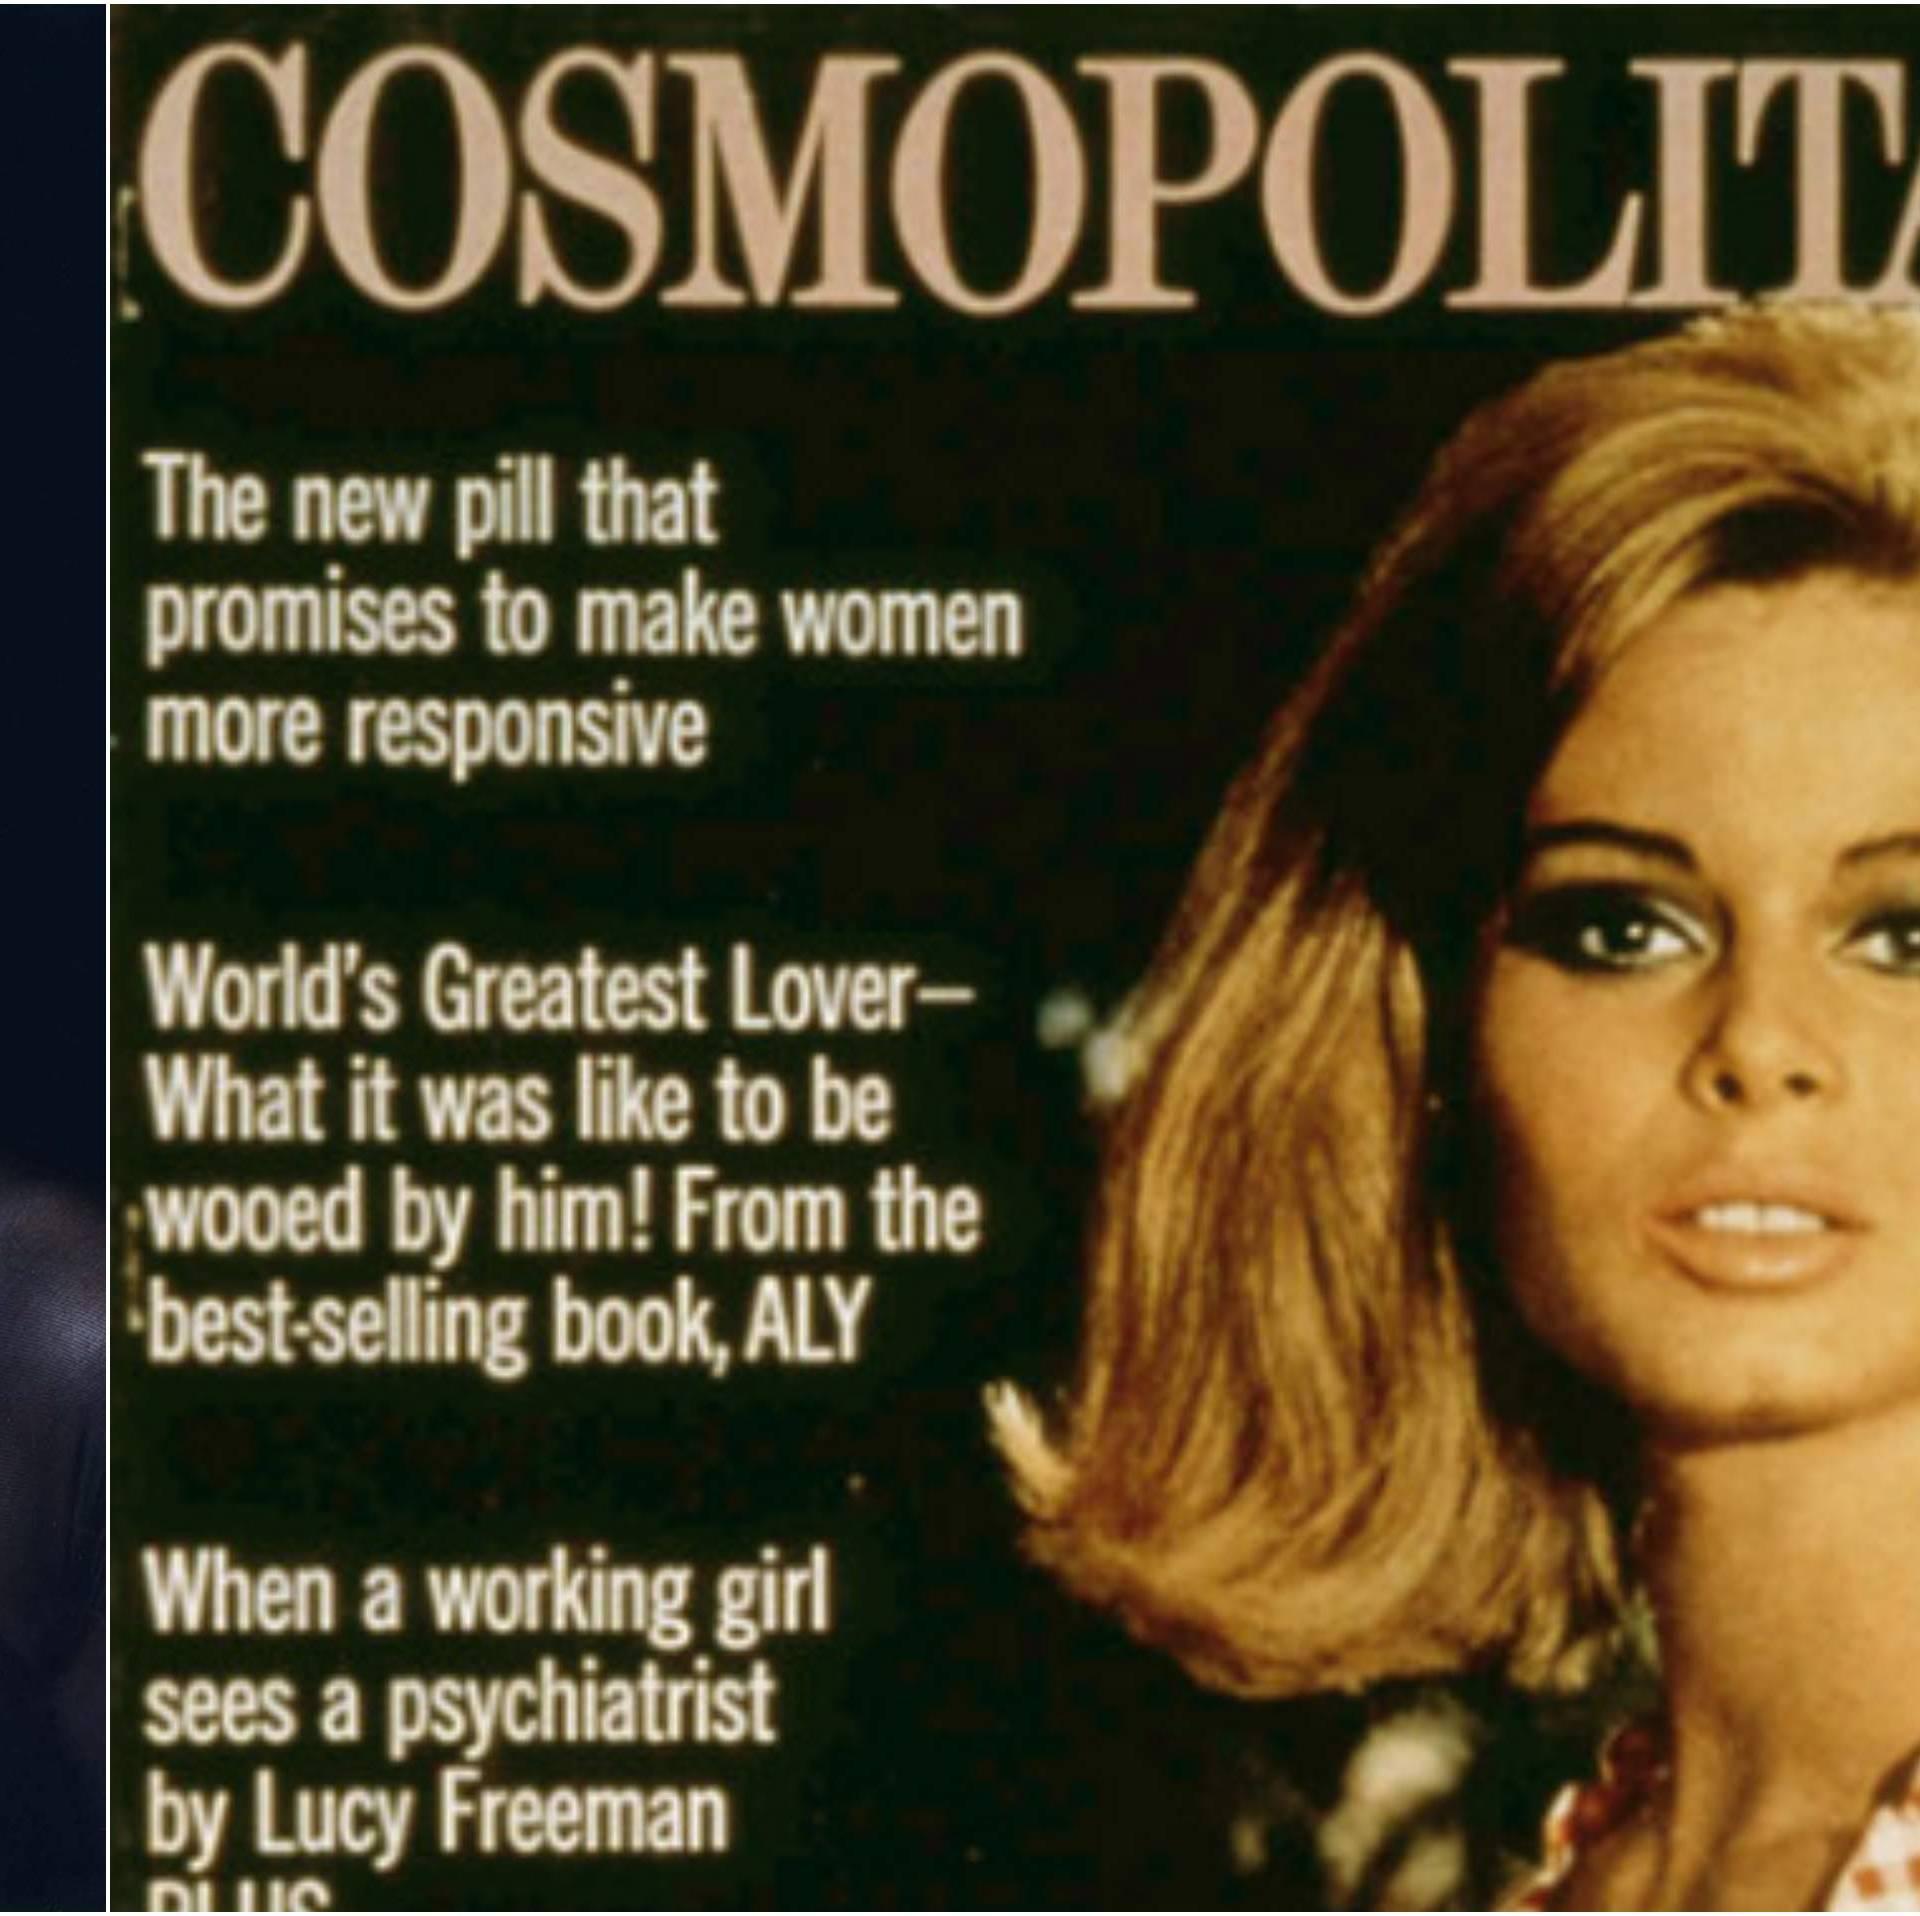 Kraljica Cosma: 'Ako nisi kao seksualni objekt, u nevolji si!'